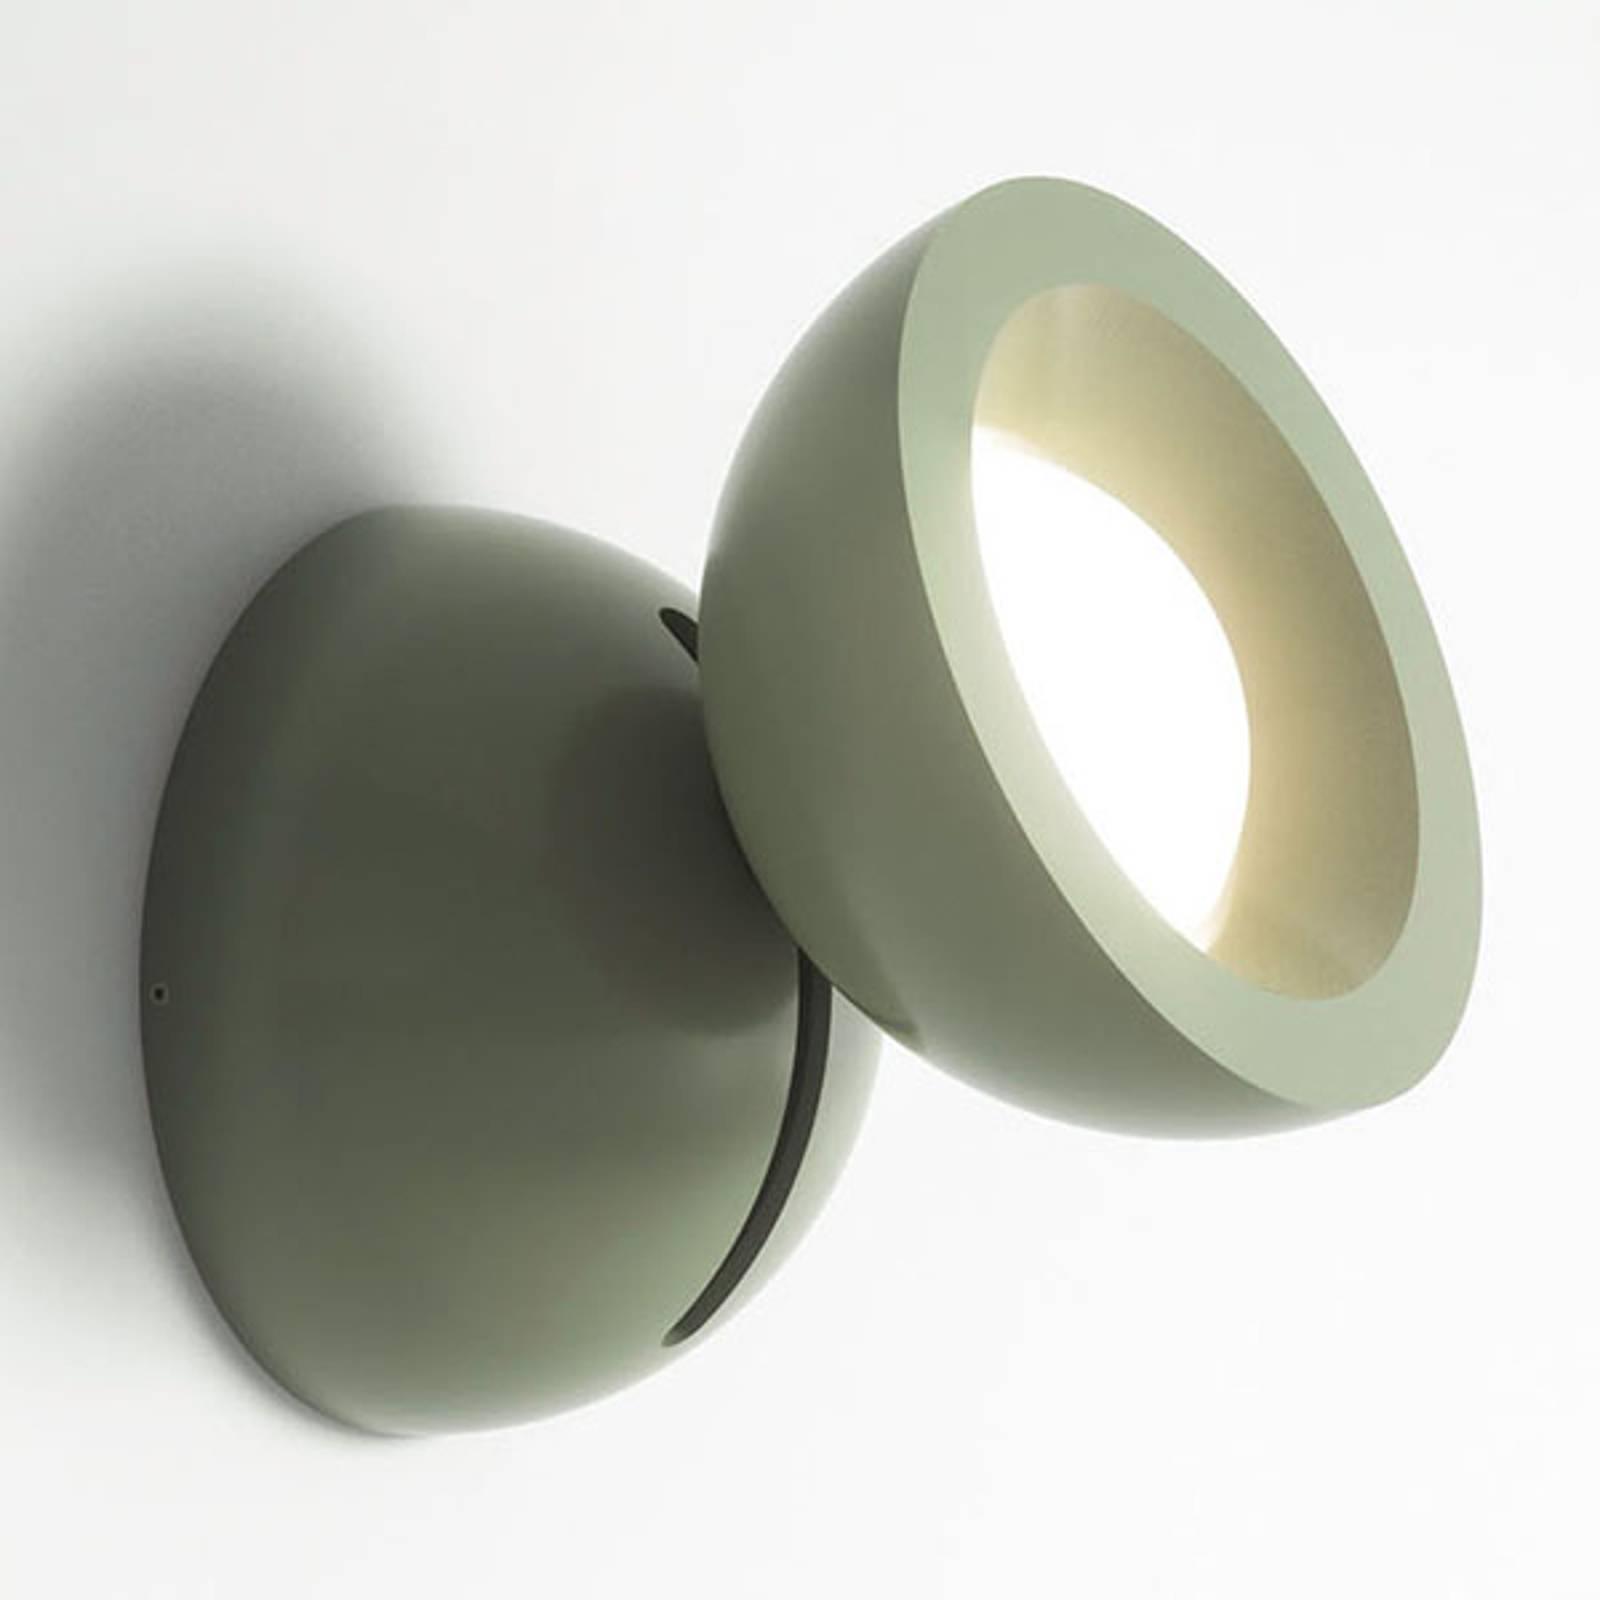 Axolight DoDot LED-seinävalaisin, vihreä15°